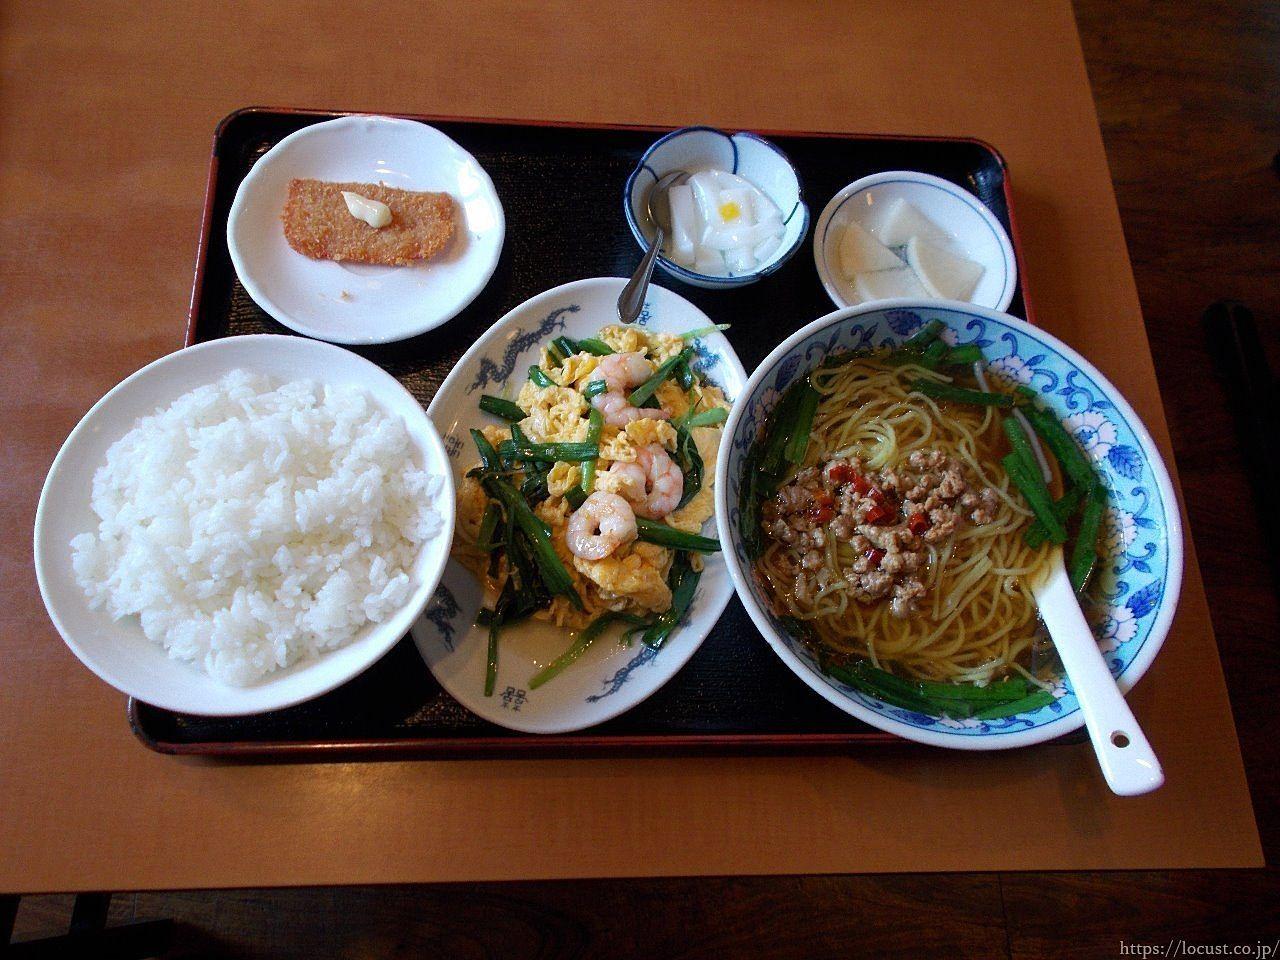 大府市の老舗!?大府市東新町の台湾料理「味園香」